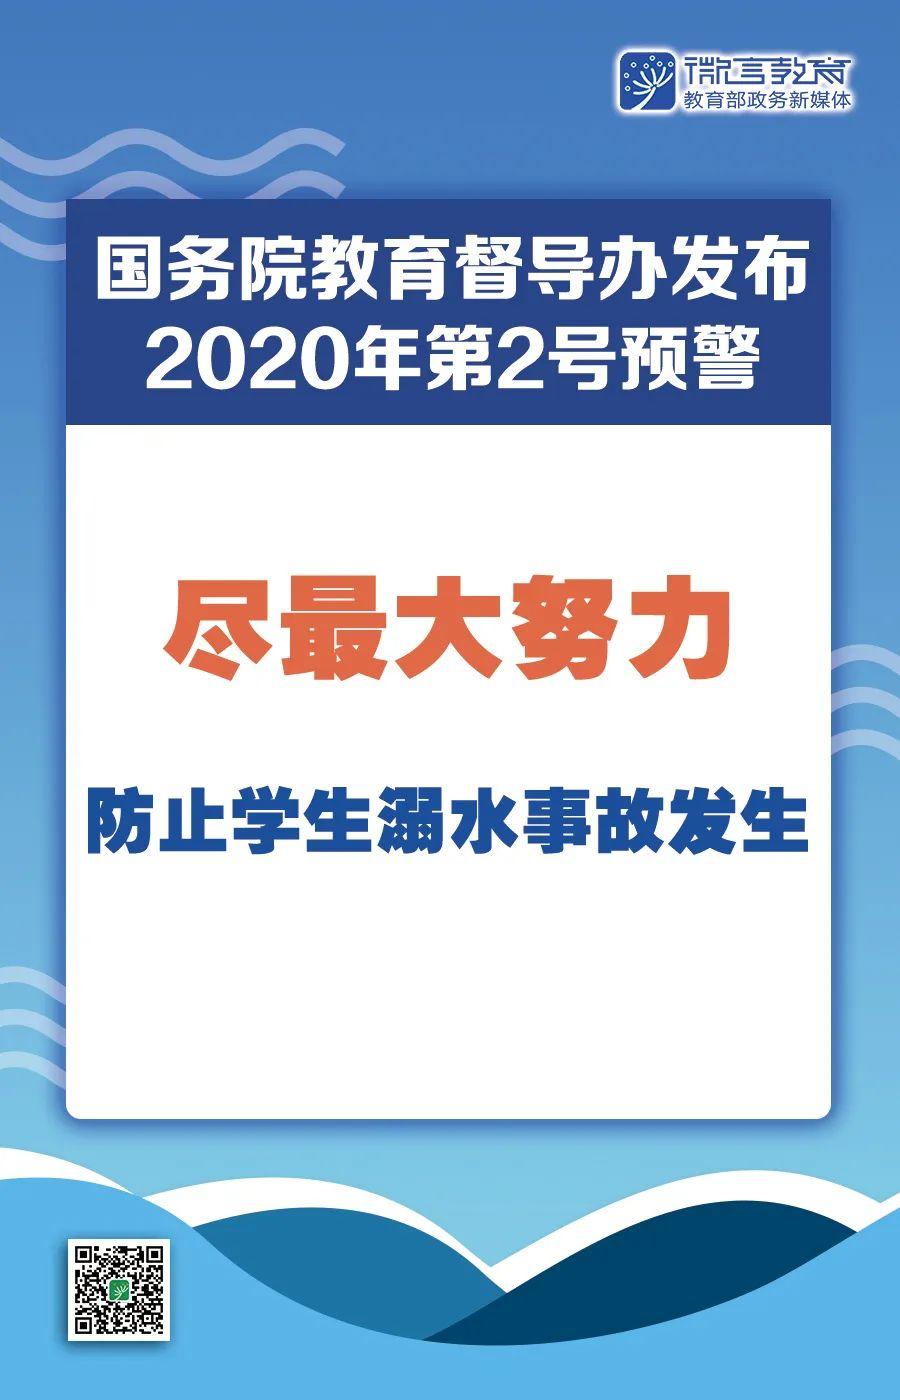 合乐官网发生国务院教育合乐官网督导办发布20图片